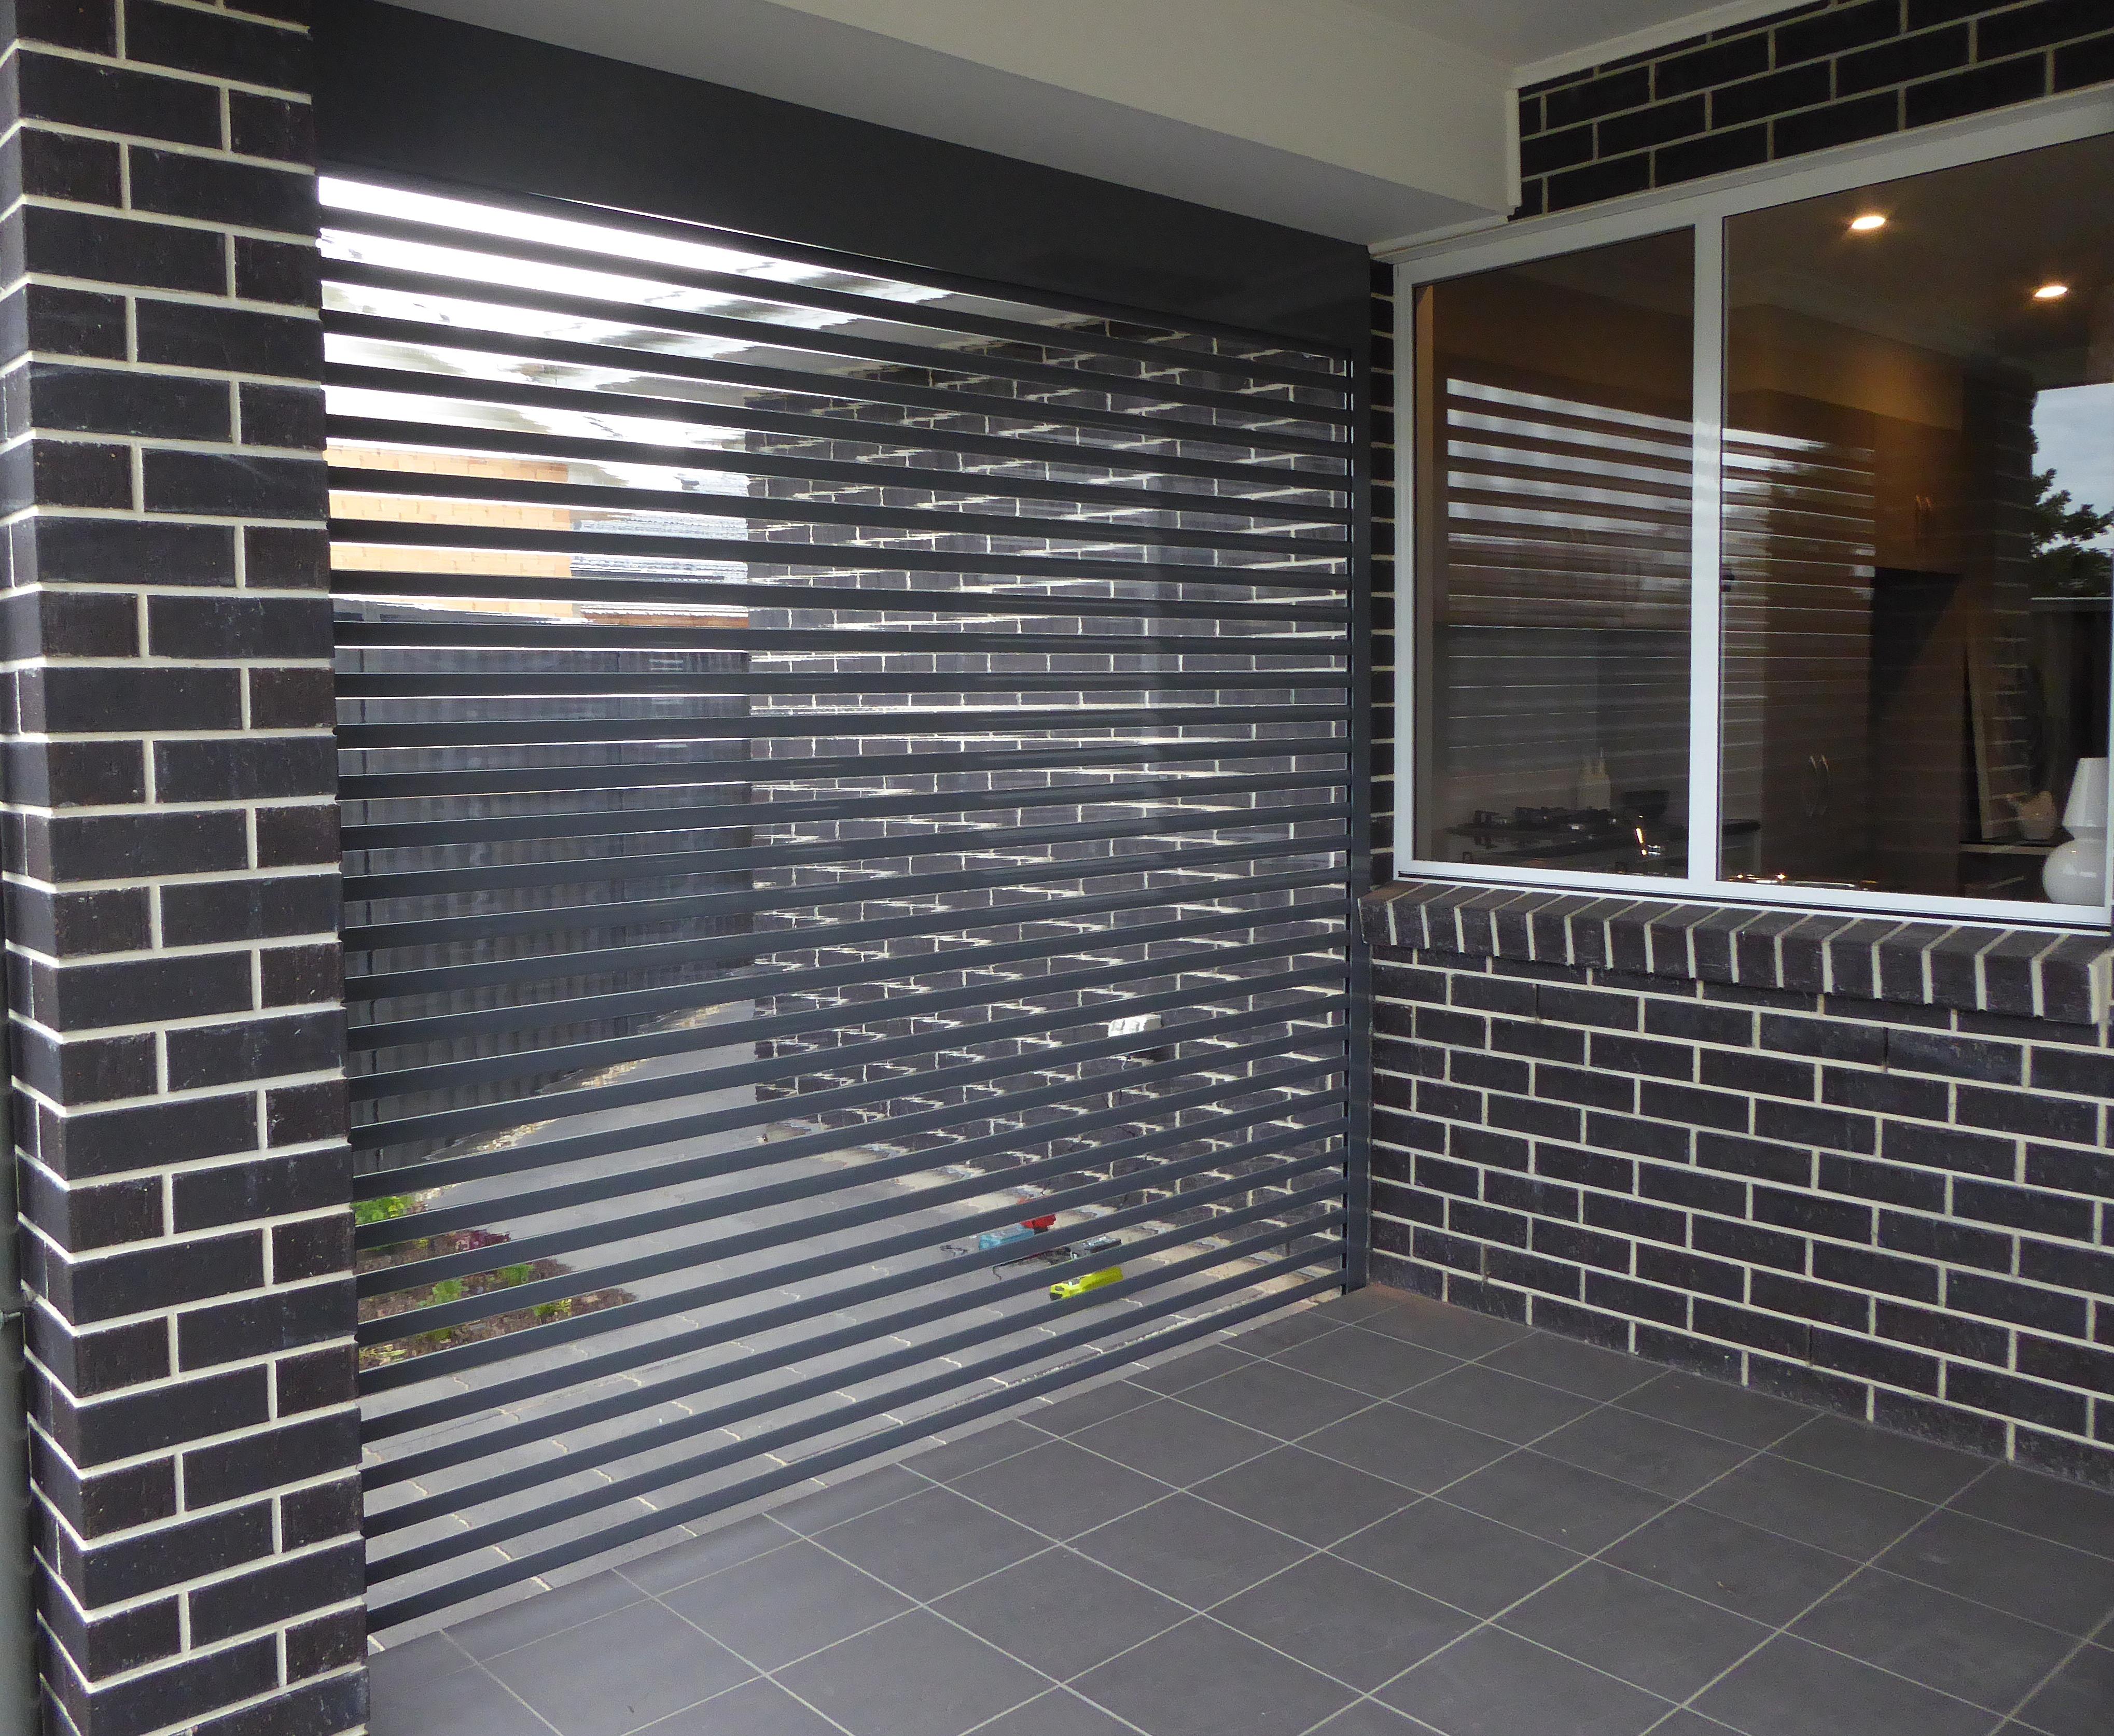 clearlite roller shutter 3rd generation doors. Black Bedroom Furniture Sets. Home Design Ideas